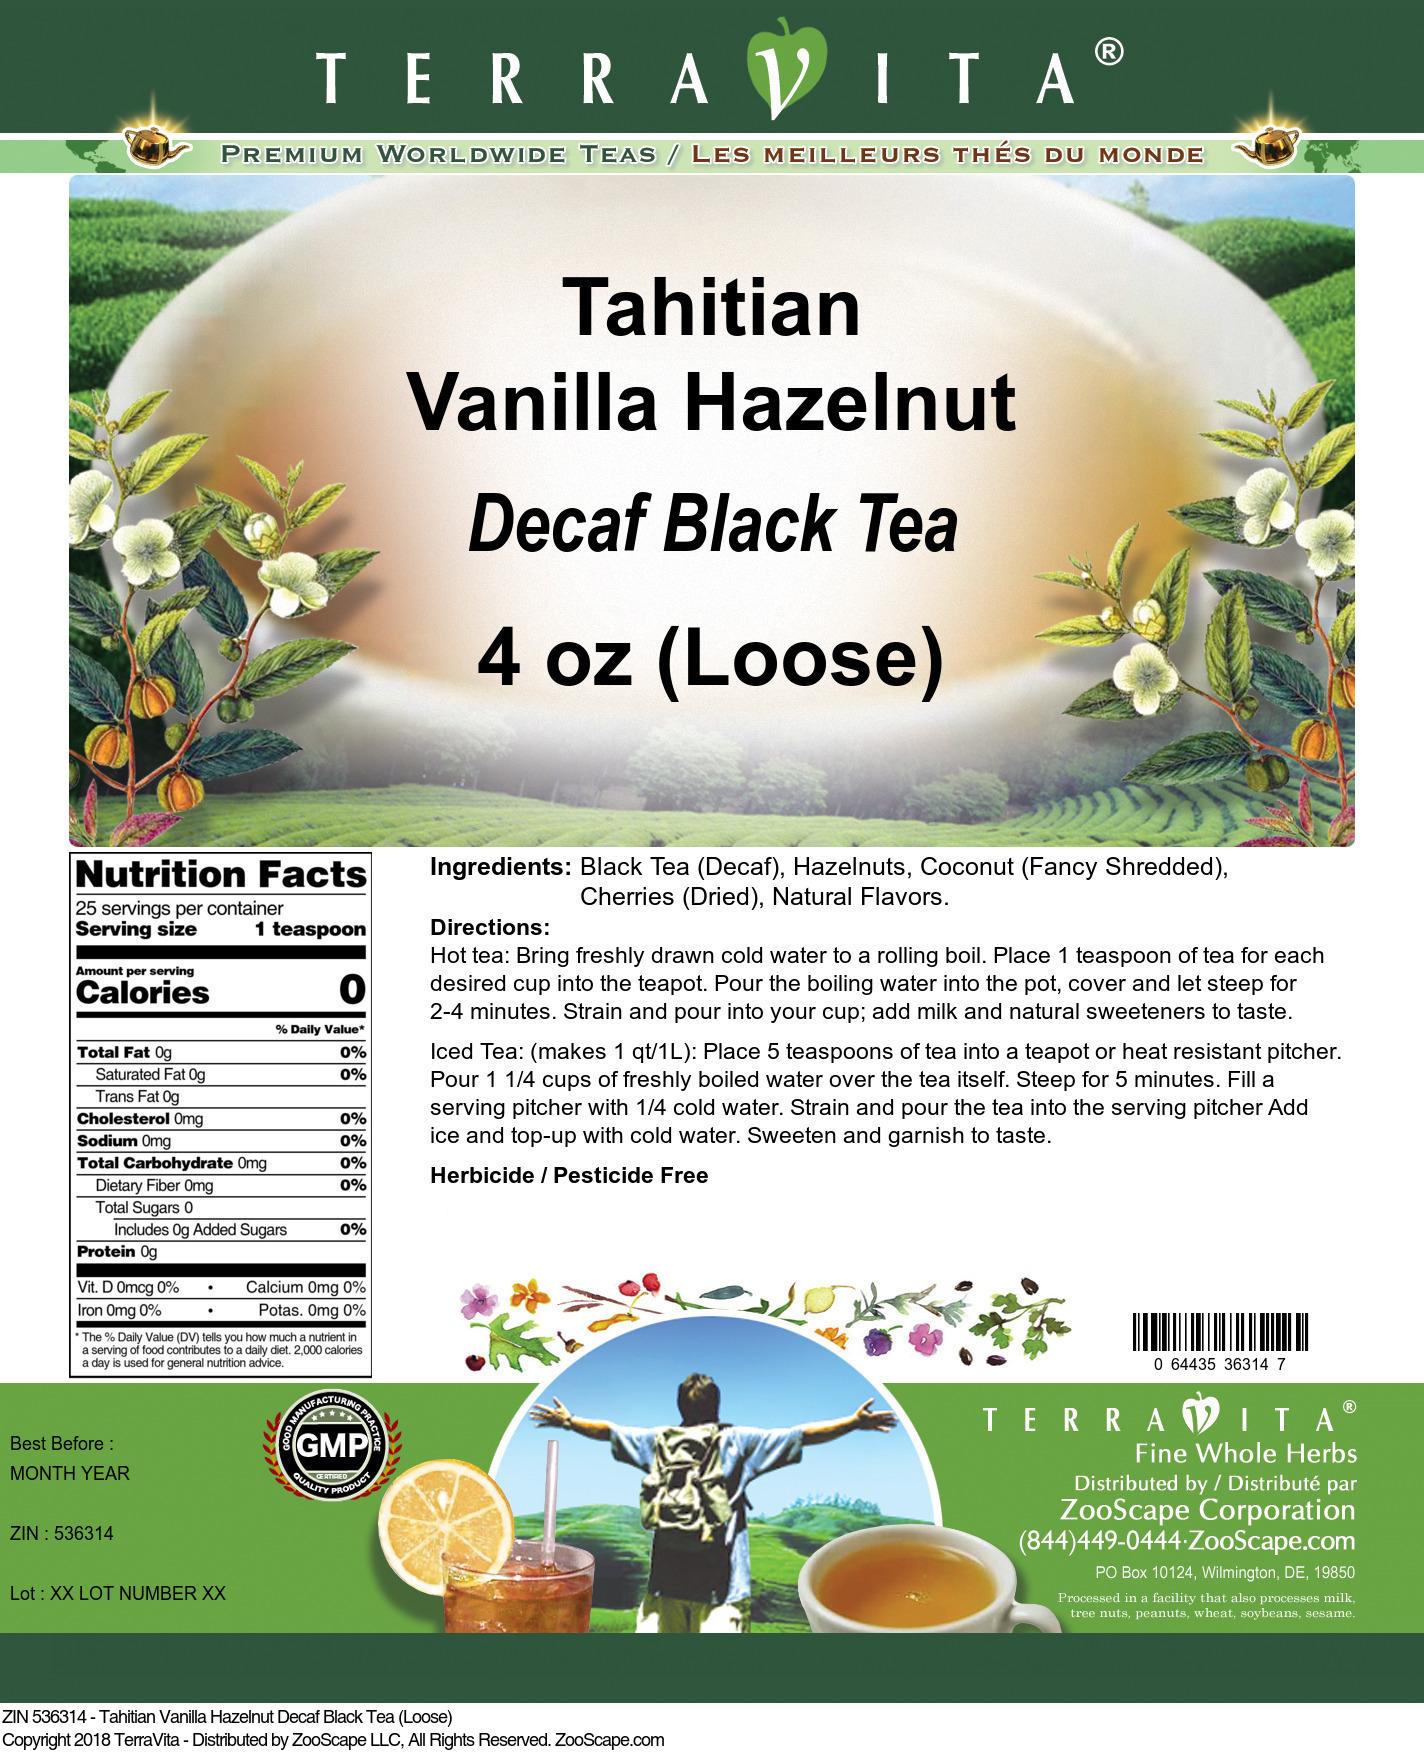 Tahitian Vanilla Hazelnut Decaf Black Tea (Loose)